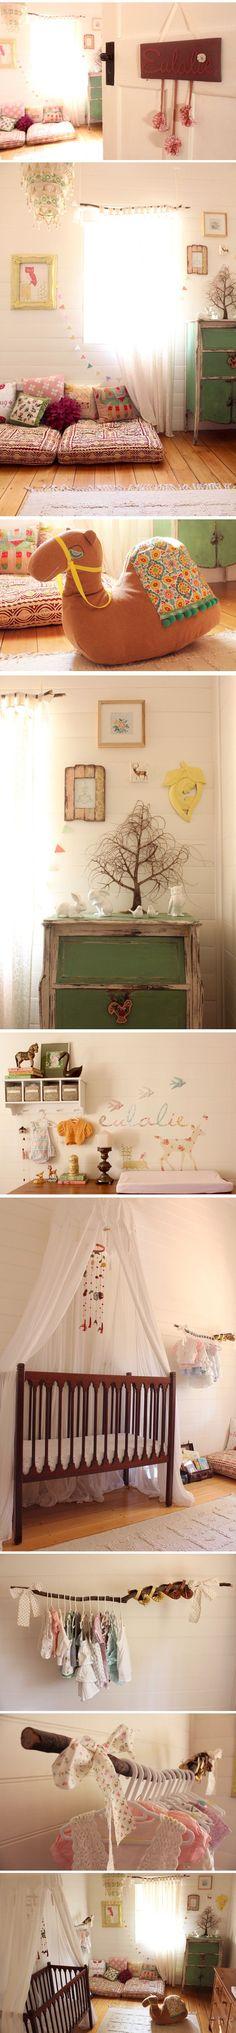 Bebek Odaları için Dekorasyon Önerileri   Yaşam Tonu